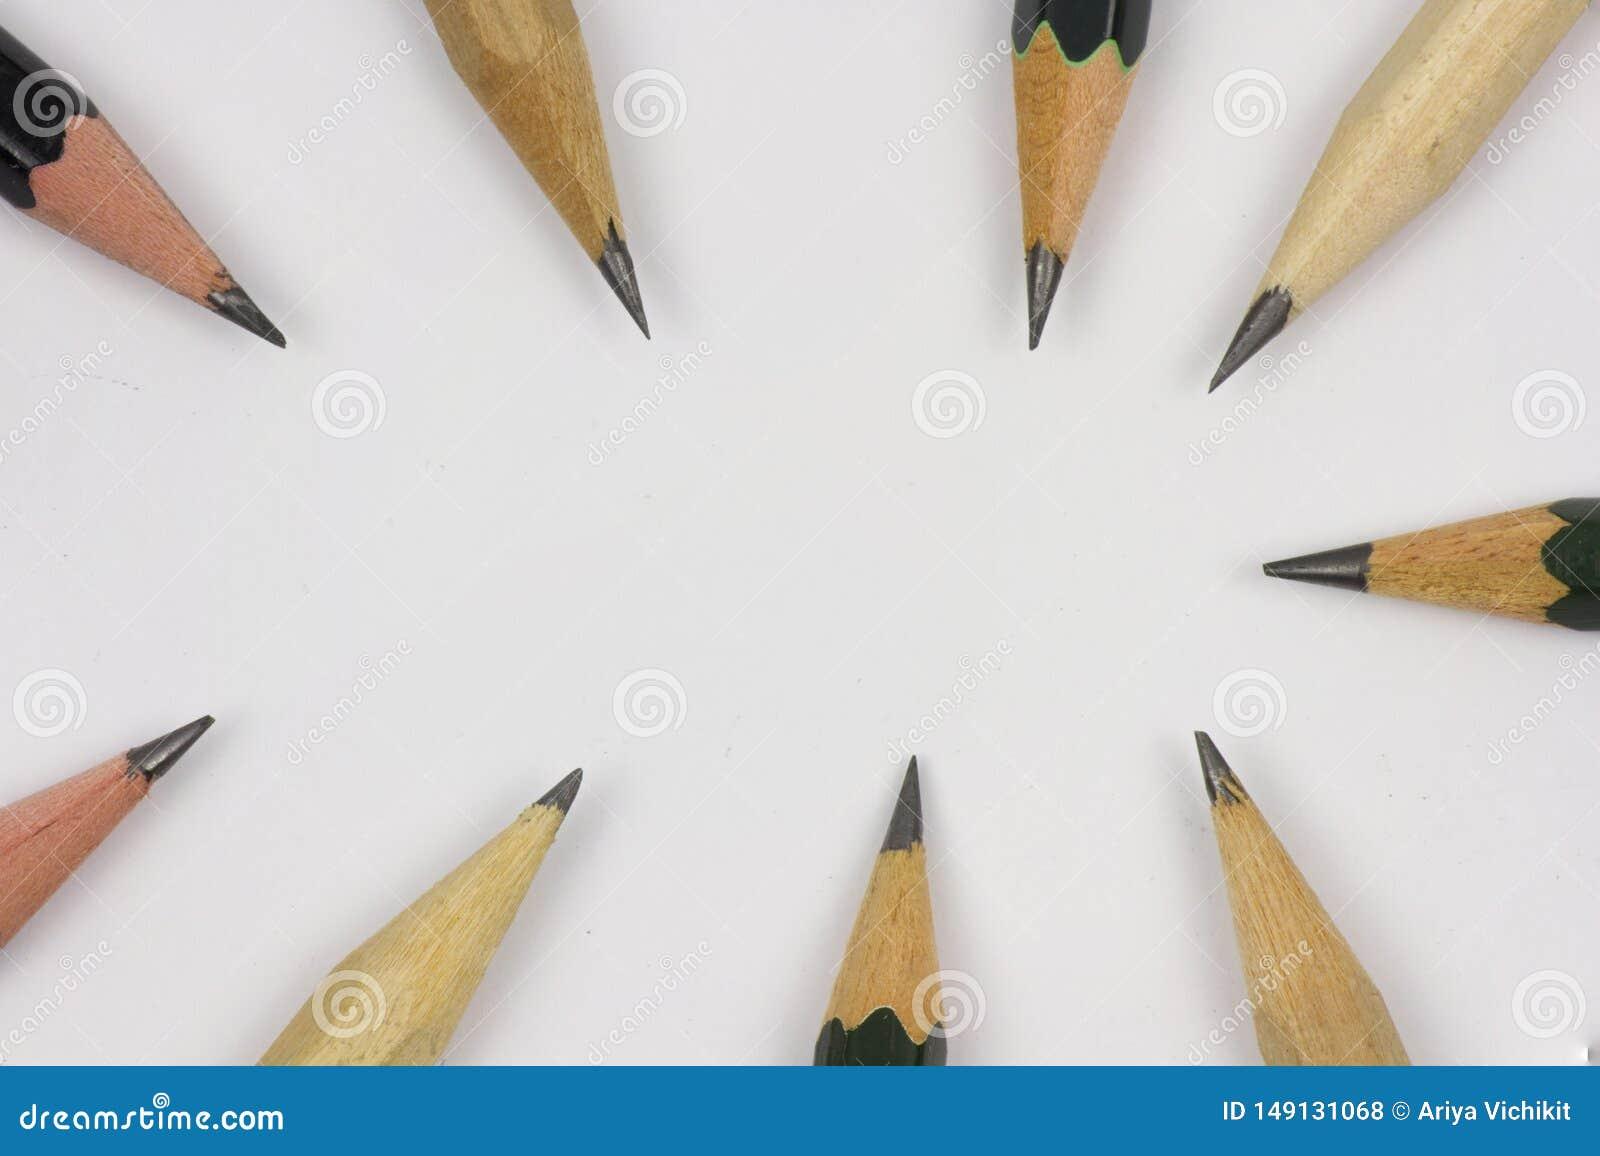 Μολύβι με το ακόνισμα στο υπόβαθρο της Λευκής Βίβλου